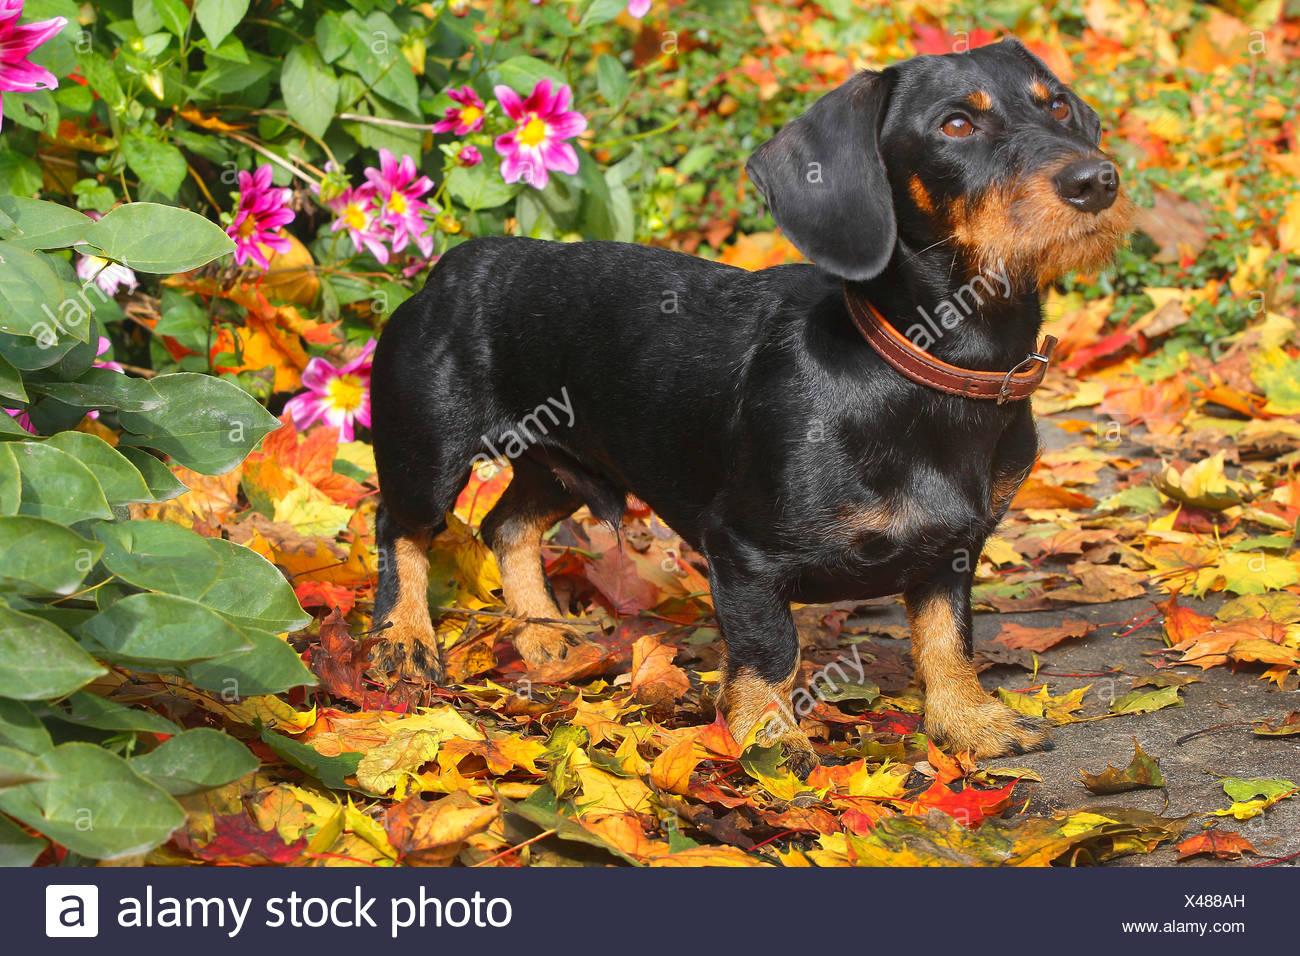 Wire-haired bassotto, Filo-dai capelli del cane di salsiccia, cane domestico (Canis lupus f. familiaris), nero e marrone diciannove mesi vecchio cane maschio in piedi nel fogliame di autunno nella parte anteriore delle Dalie, Germania Immagini Stock